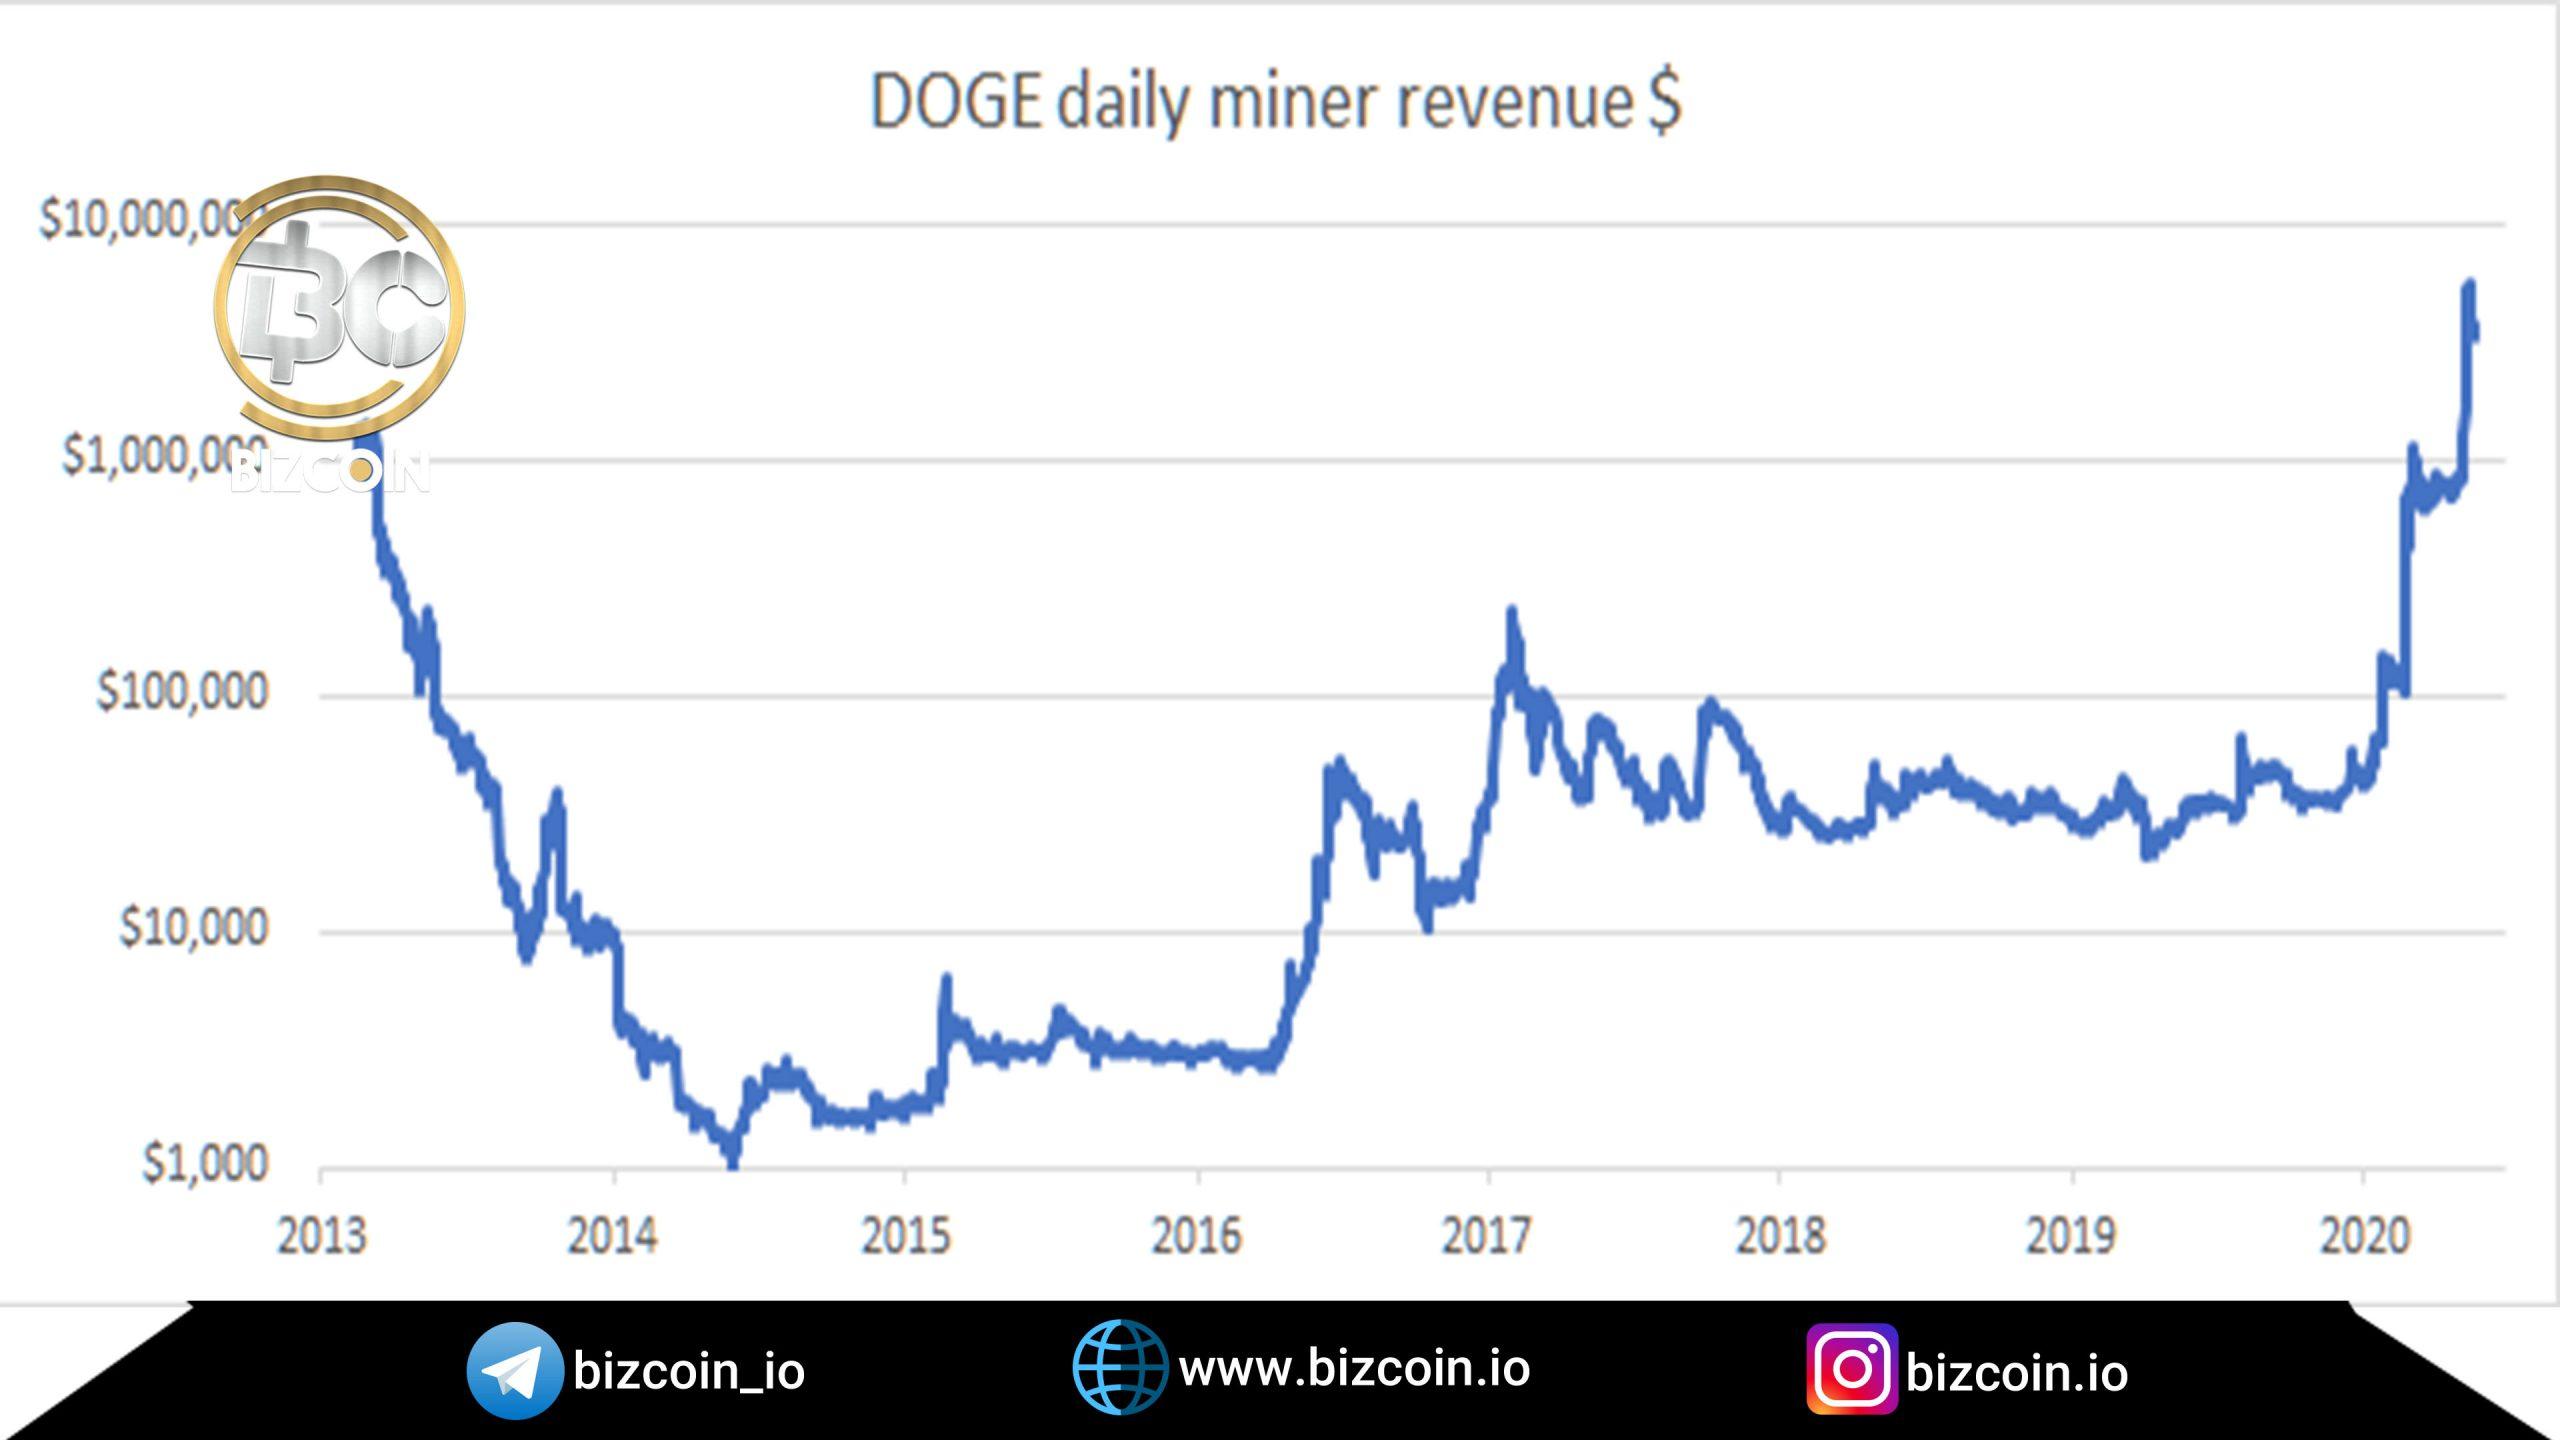 Dodge Quinn miners income scaled افزایش ۴,۵۰۰% درآمد ماینرهای دوج کوین